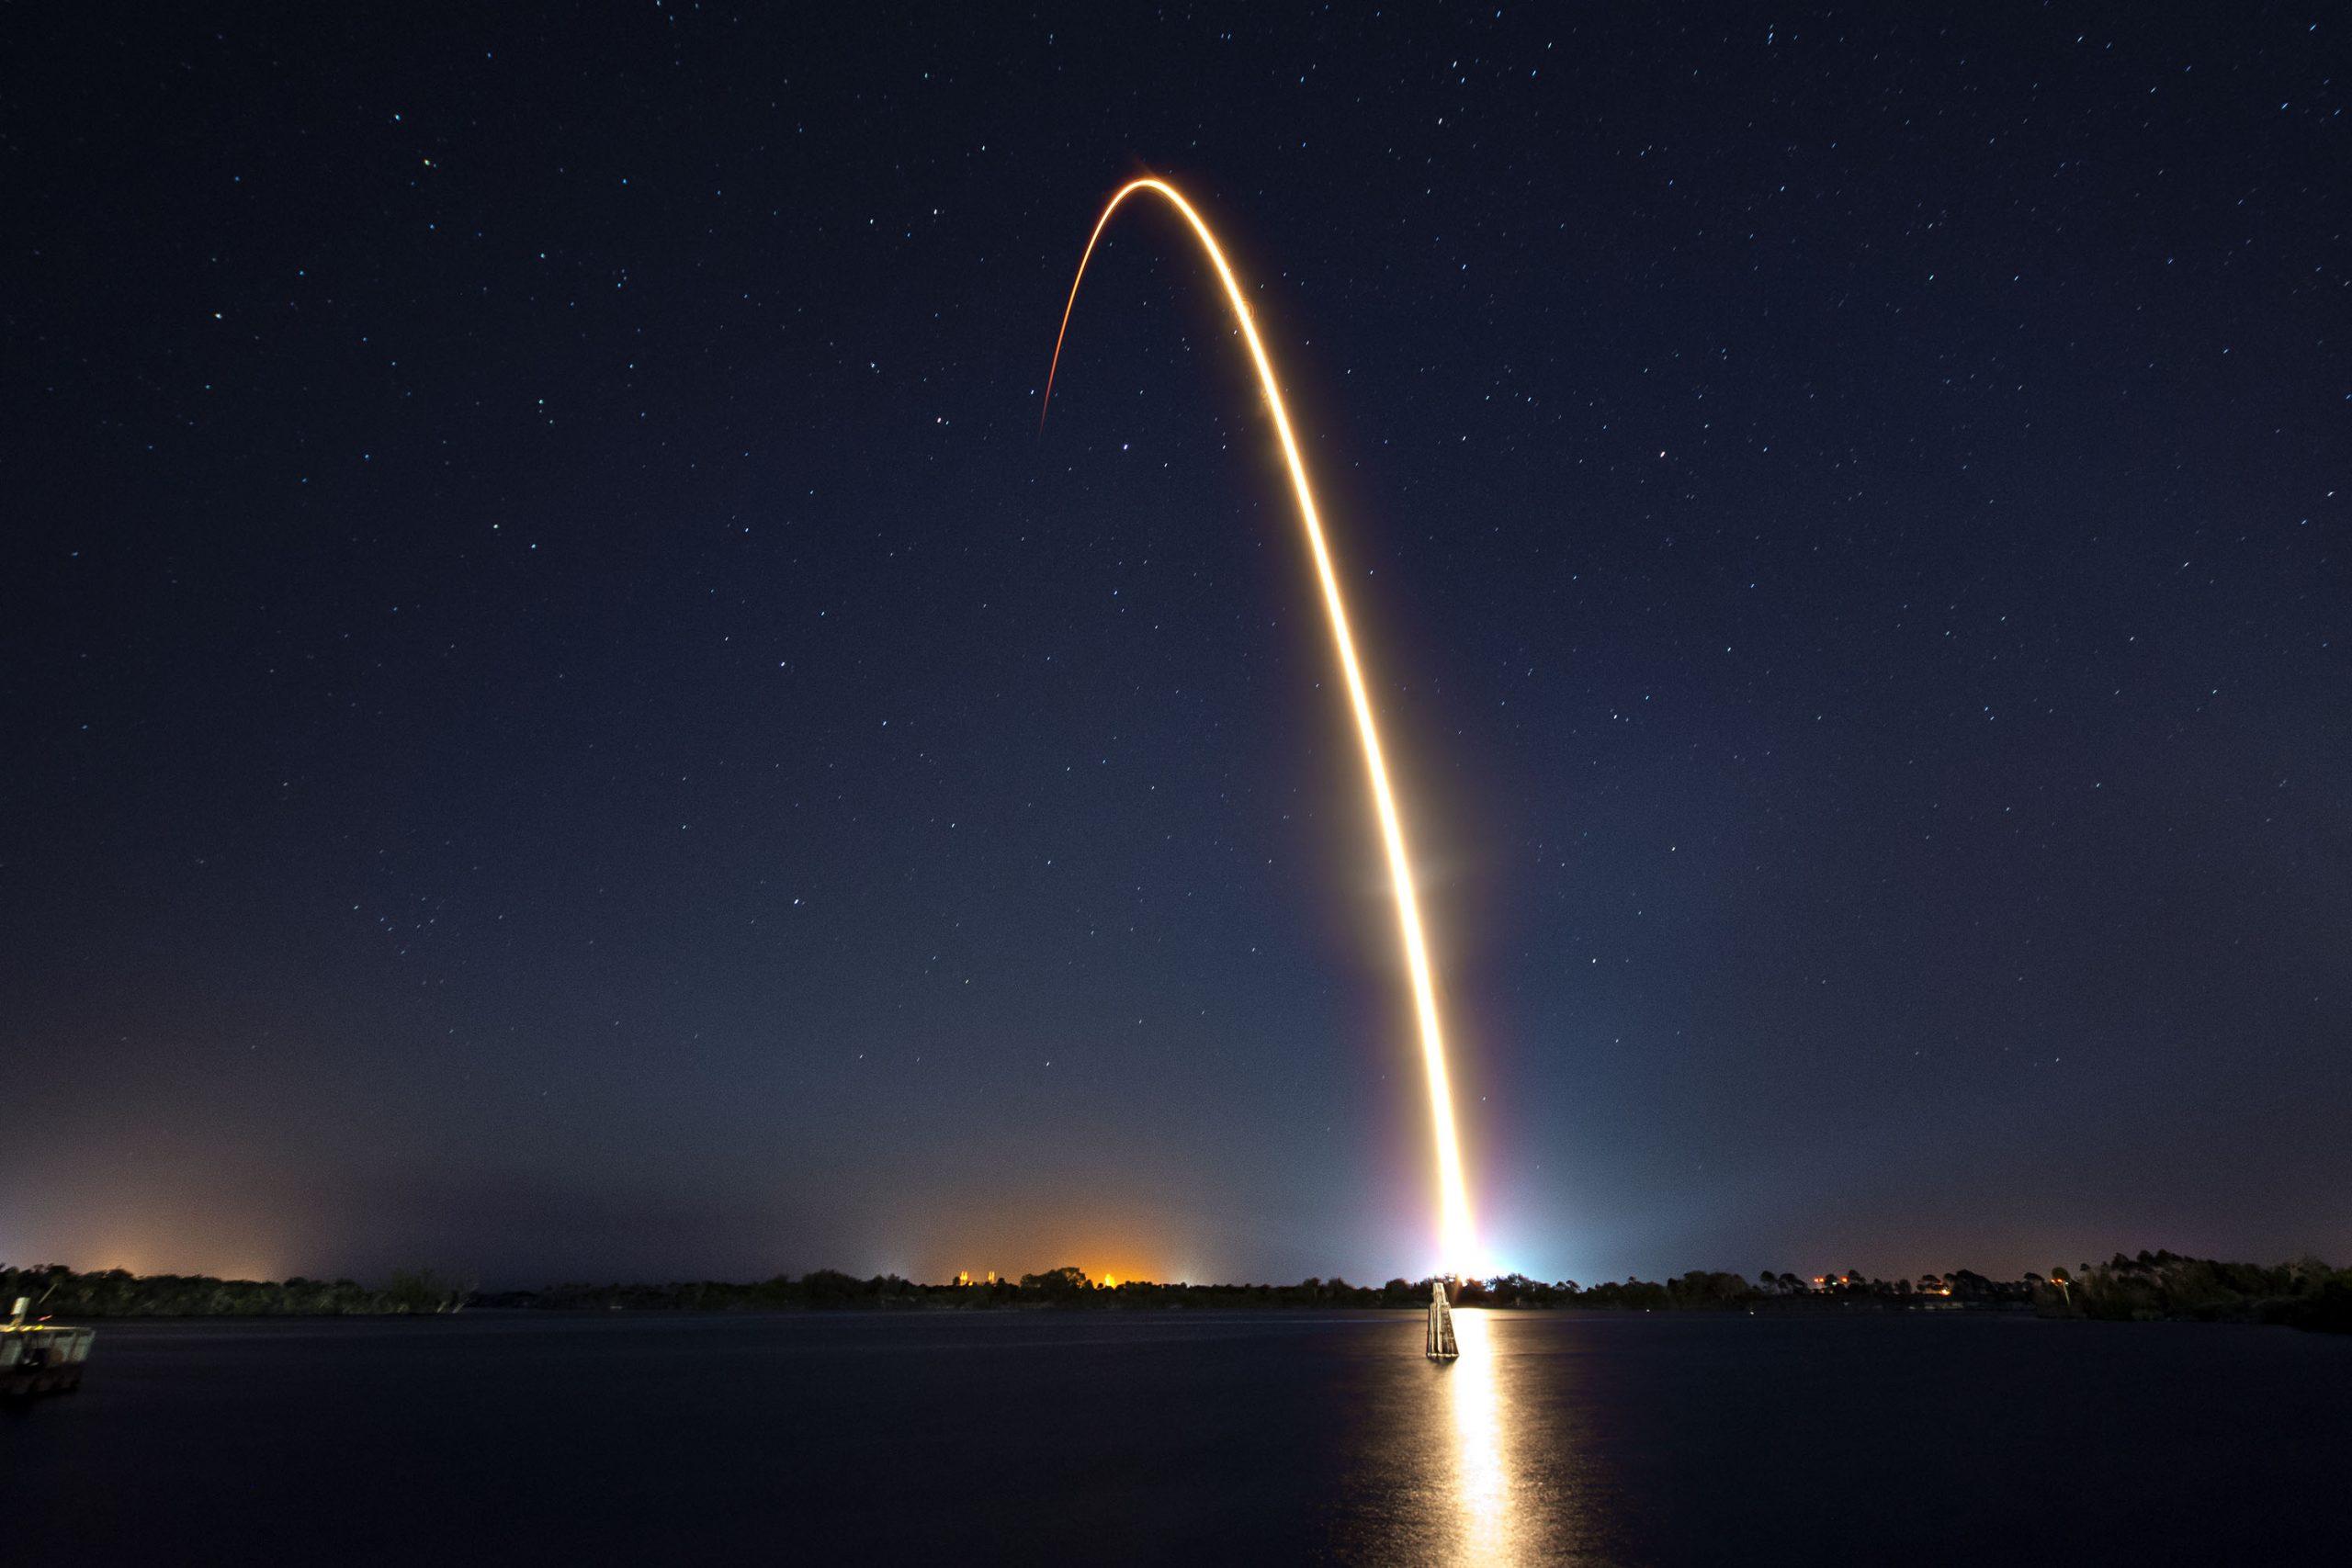 Le lancement d'une fusée SpaceX avec une trainée de lumière dans la nuit